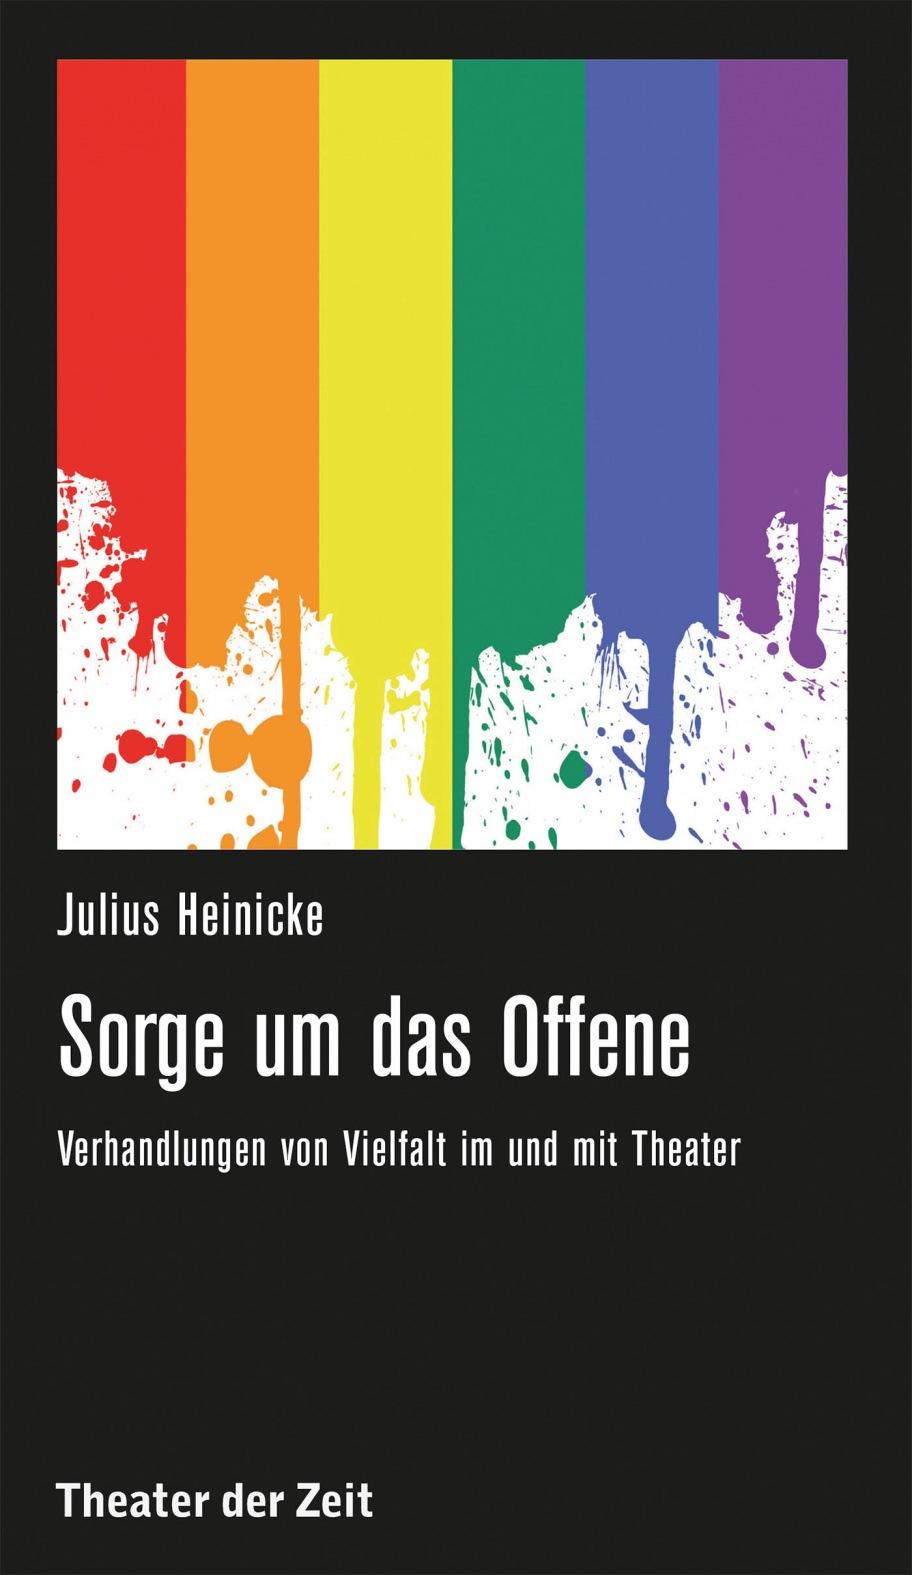 Julius Heinicke: Sorge um das Offene